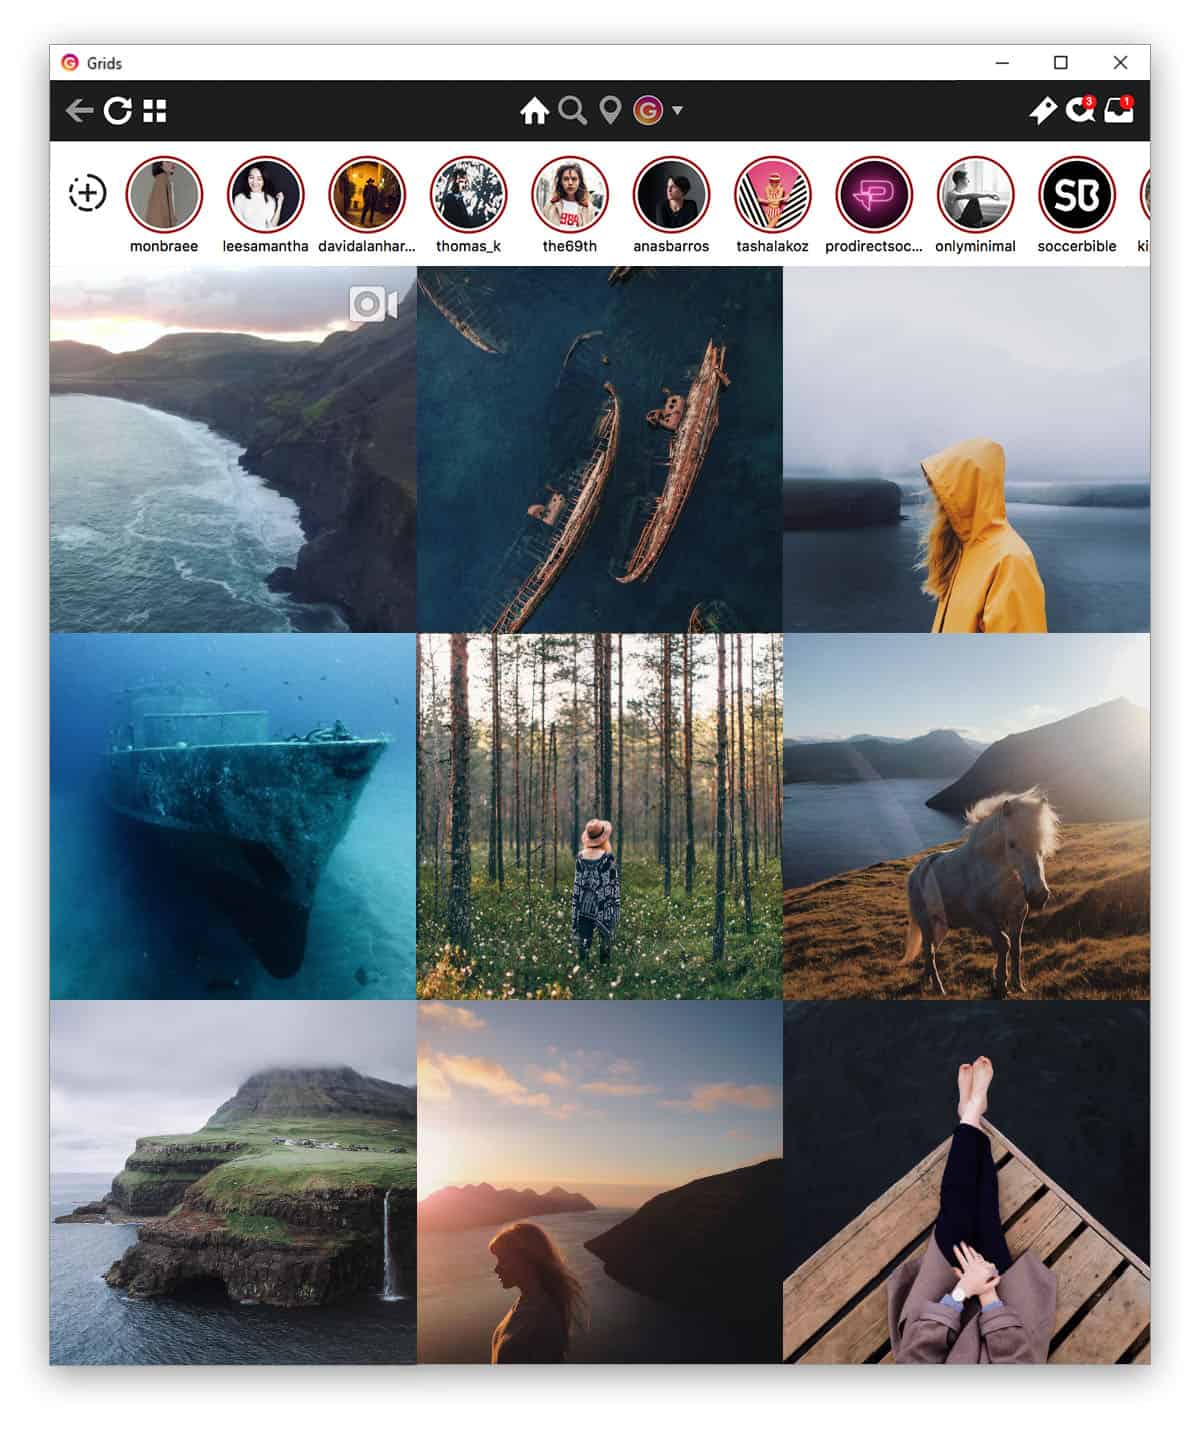 Grids for Instagram مدیریت اینستاگرام در ویندوز و مک